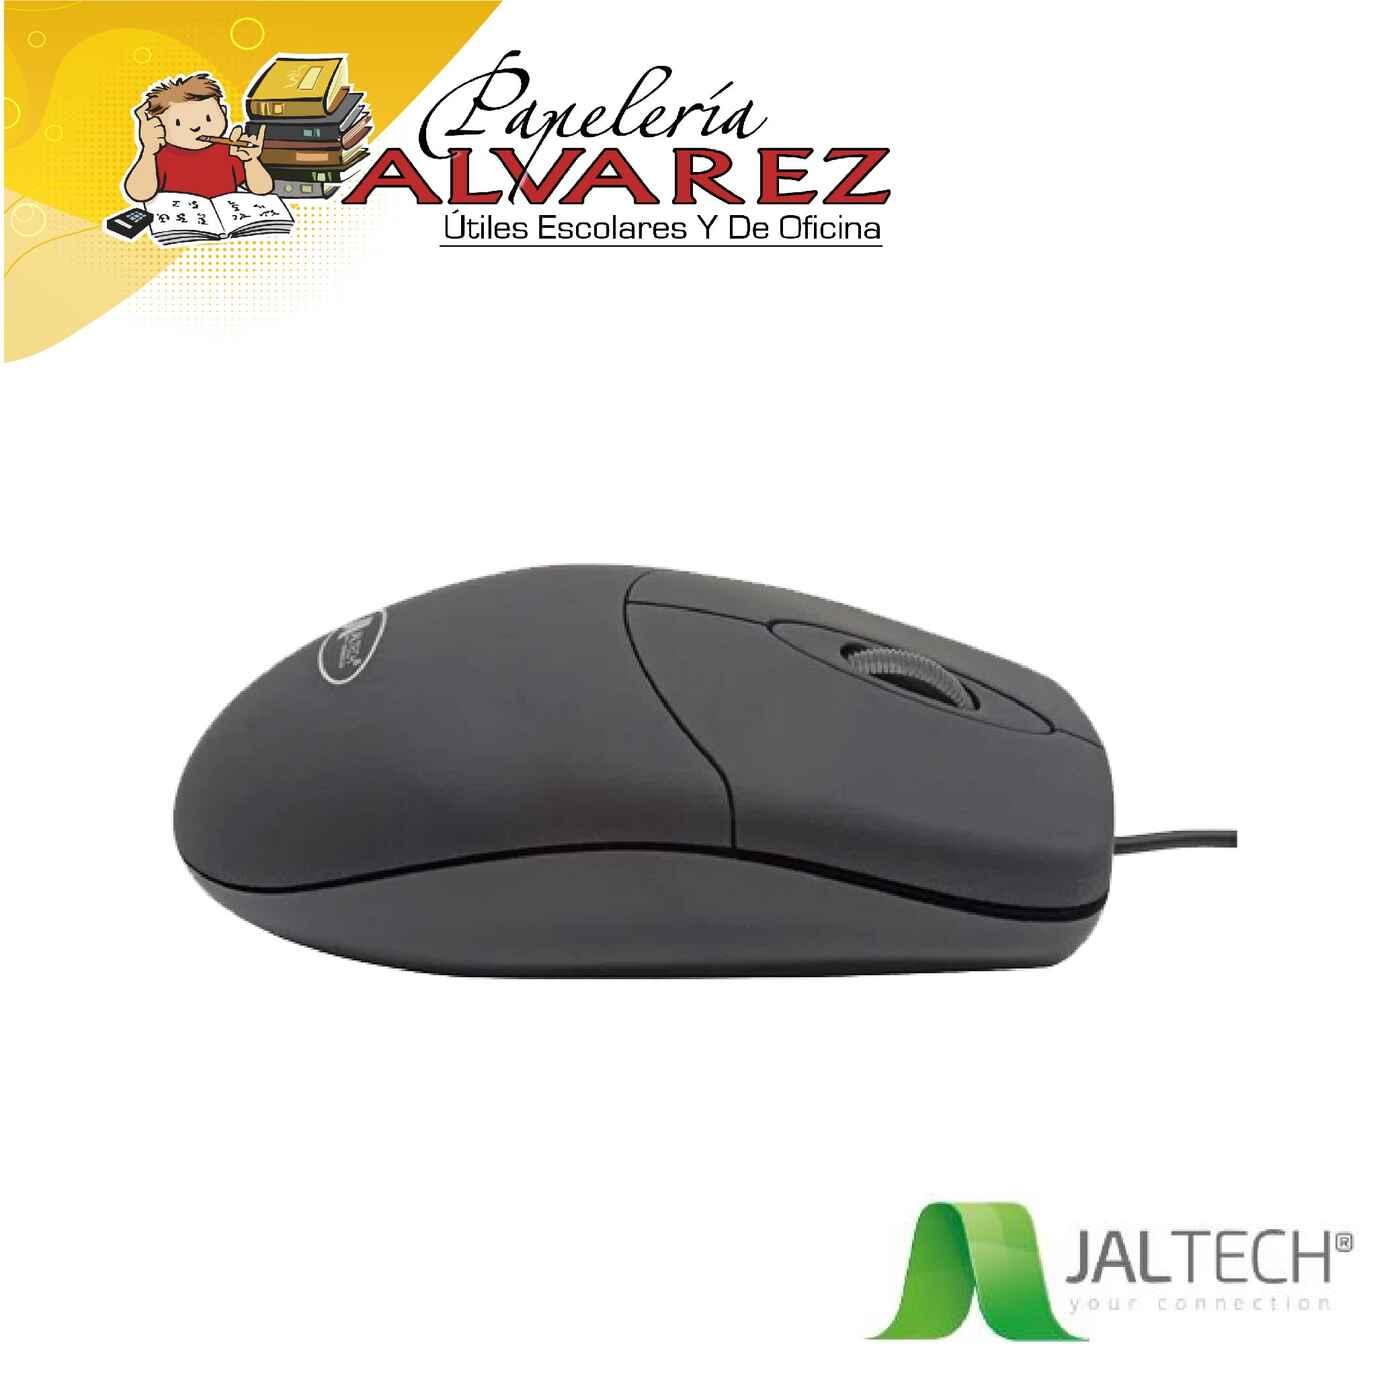 MOUSE PC ÓPTICAL JALTECH 708 ALÁMBRICO